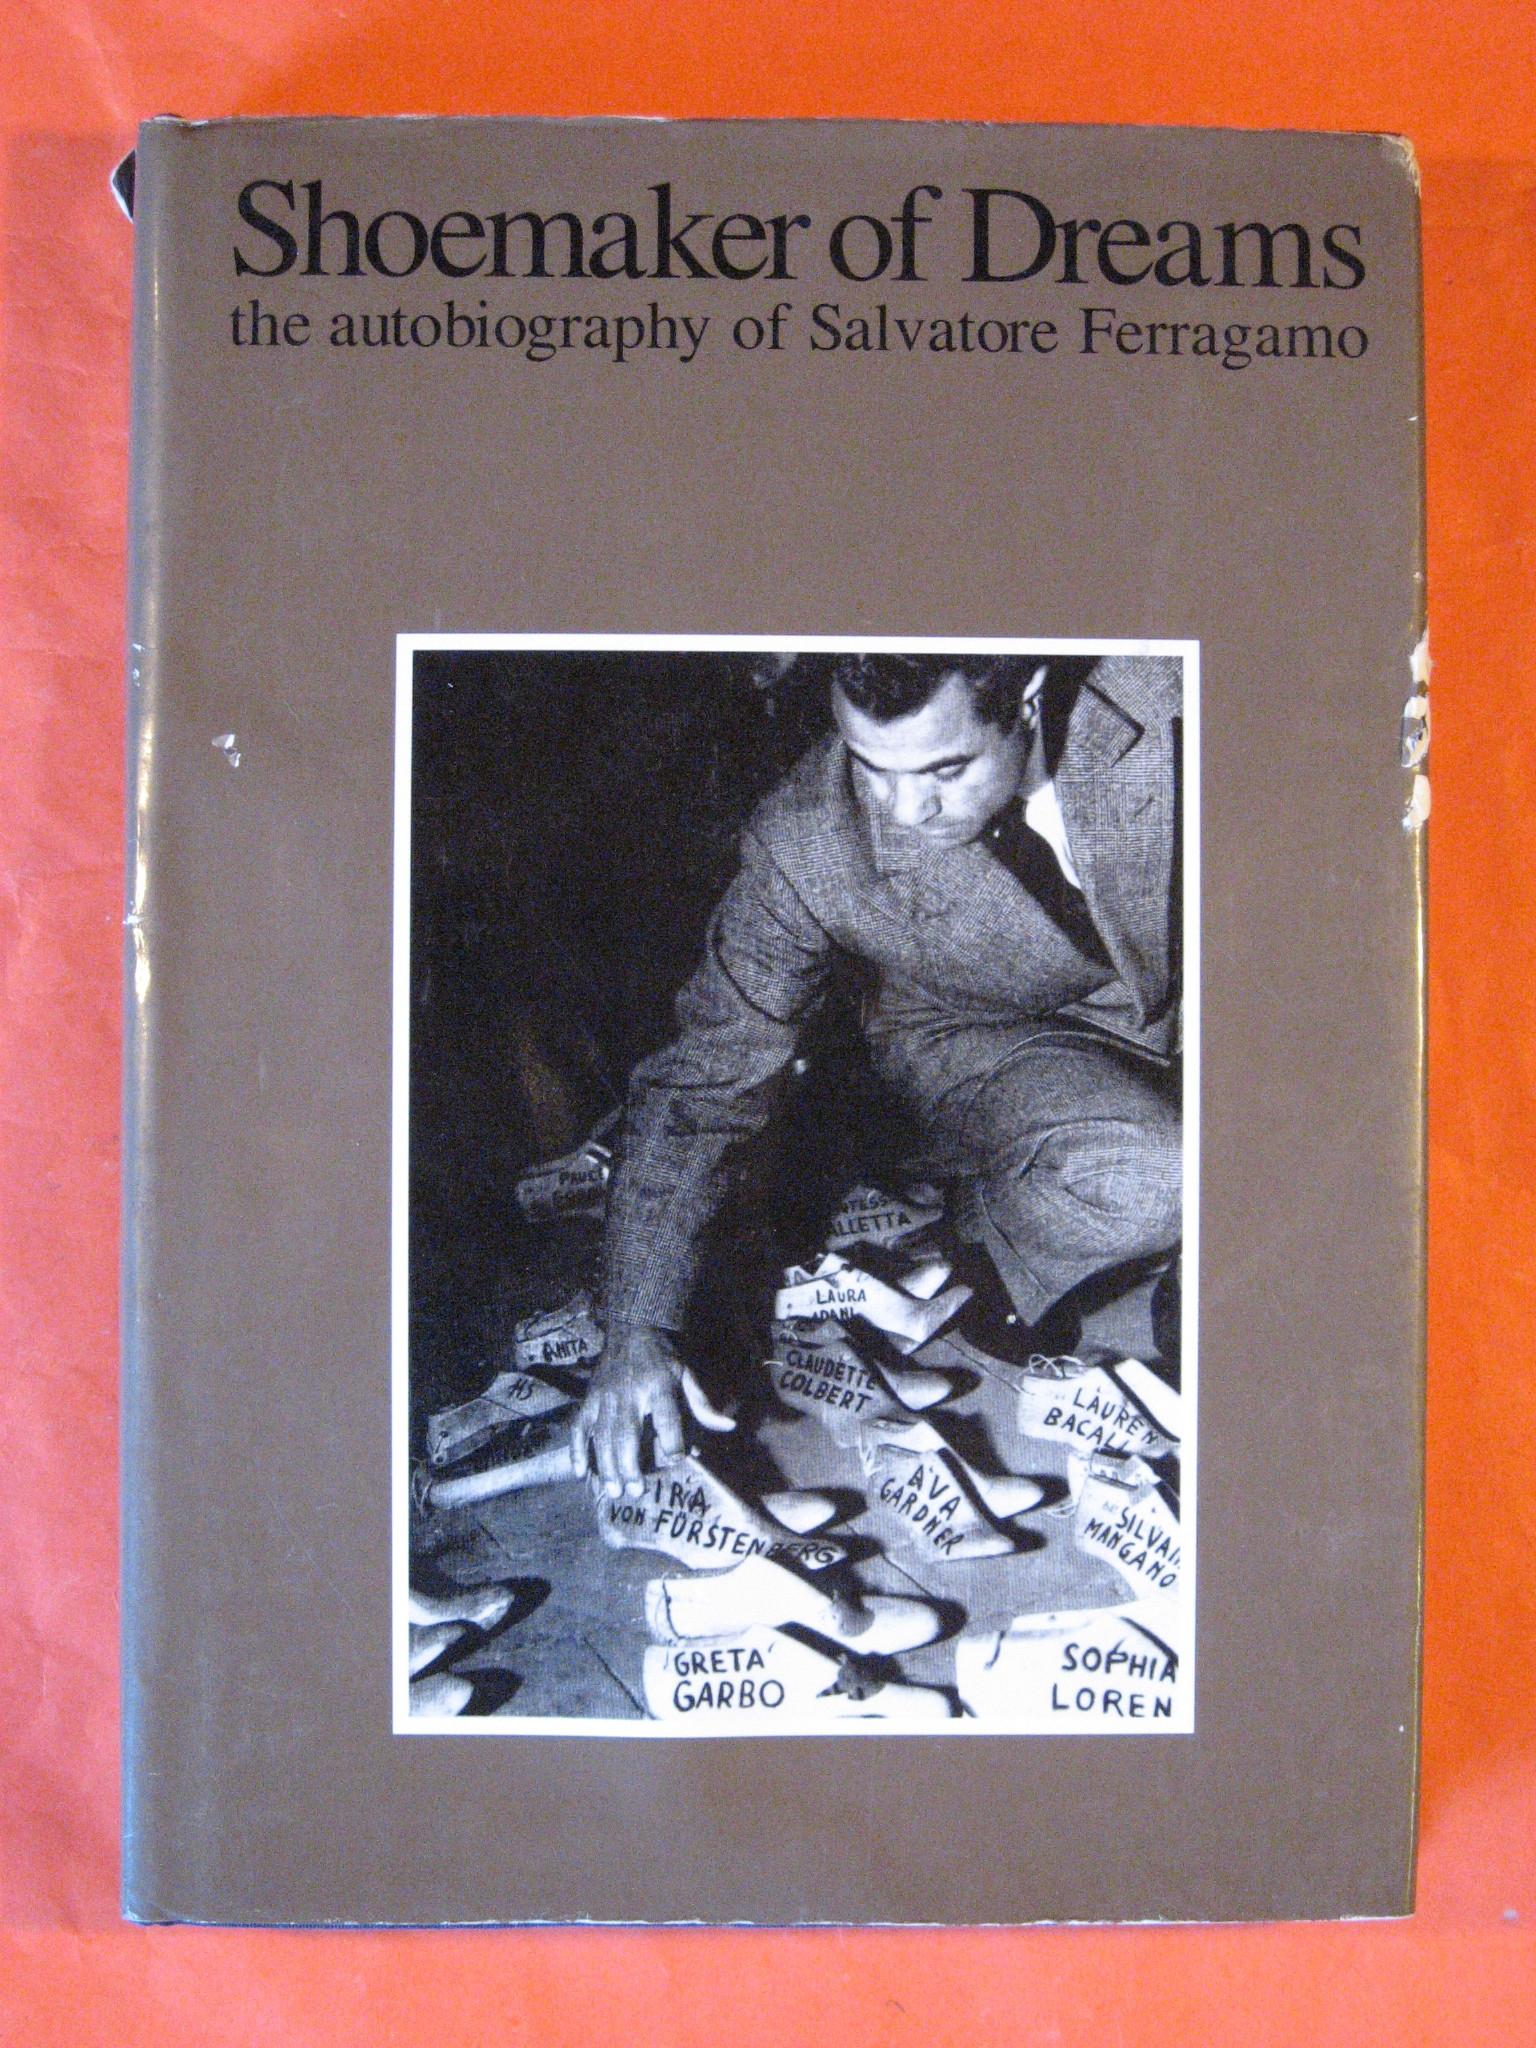 Shoemaker of Dreams: the Autobiography of Salvatore Ferragamo, Ferragamo, Salvatore